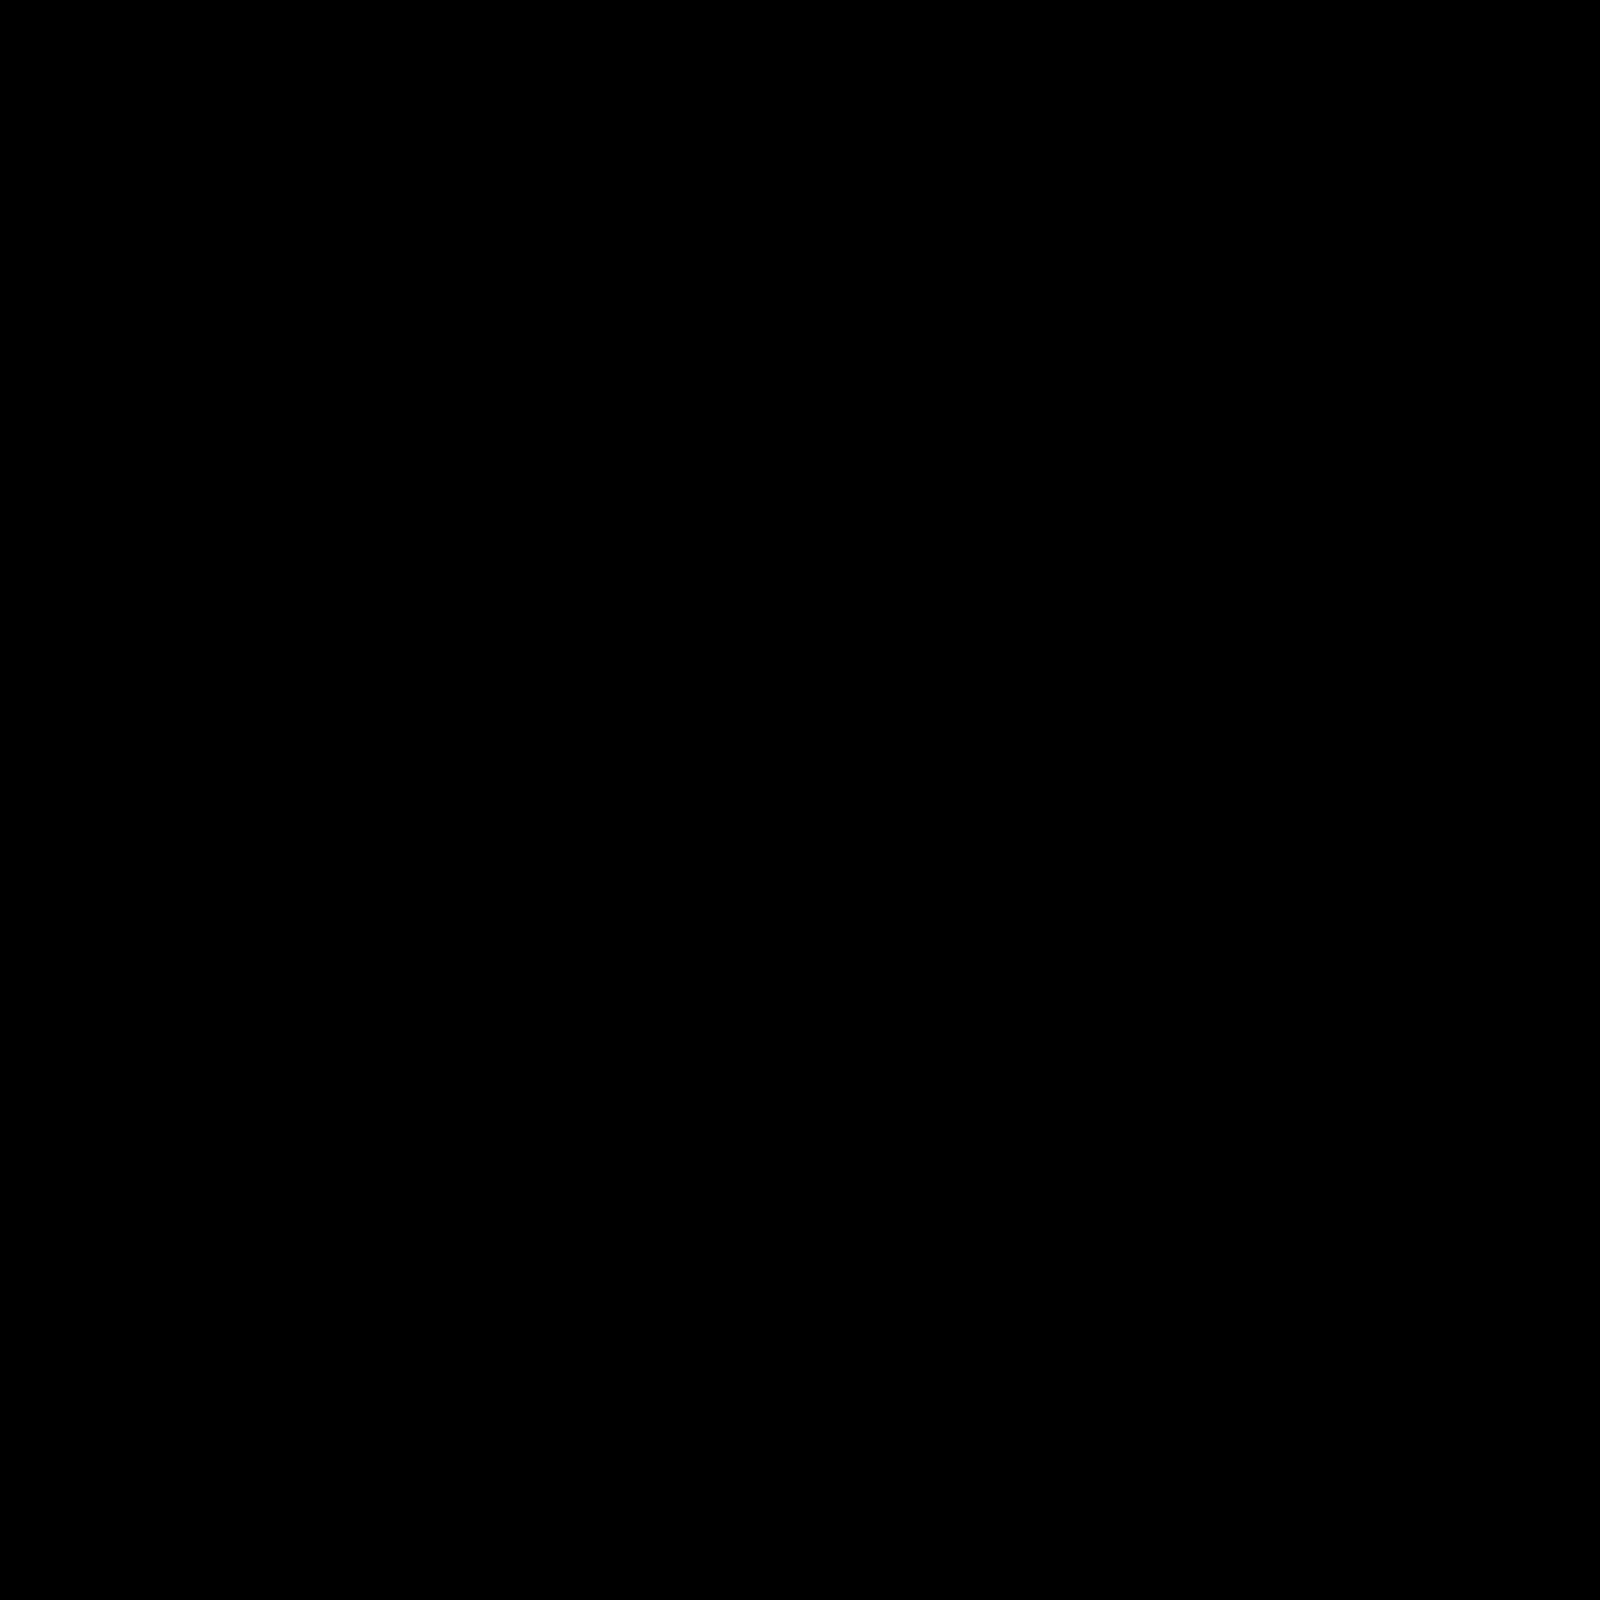 Избирательный бюллетень icon